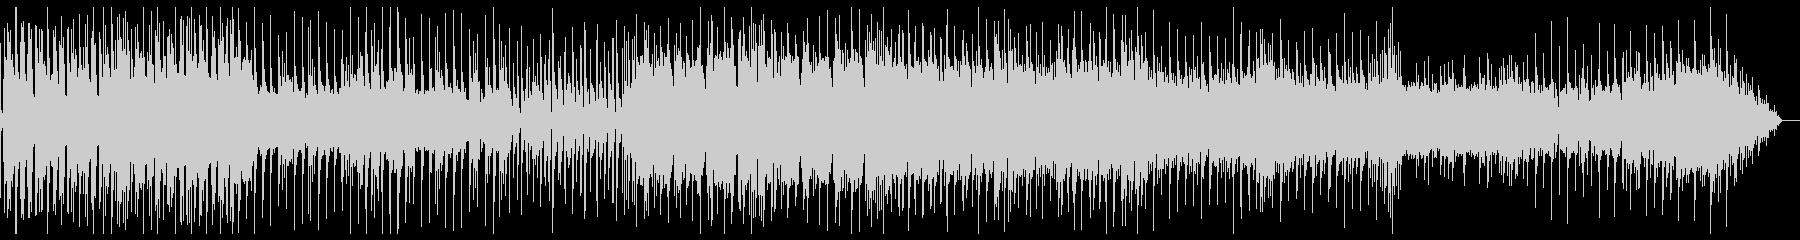 スローテンポなレトロウェーブの未再生の波形